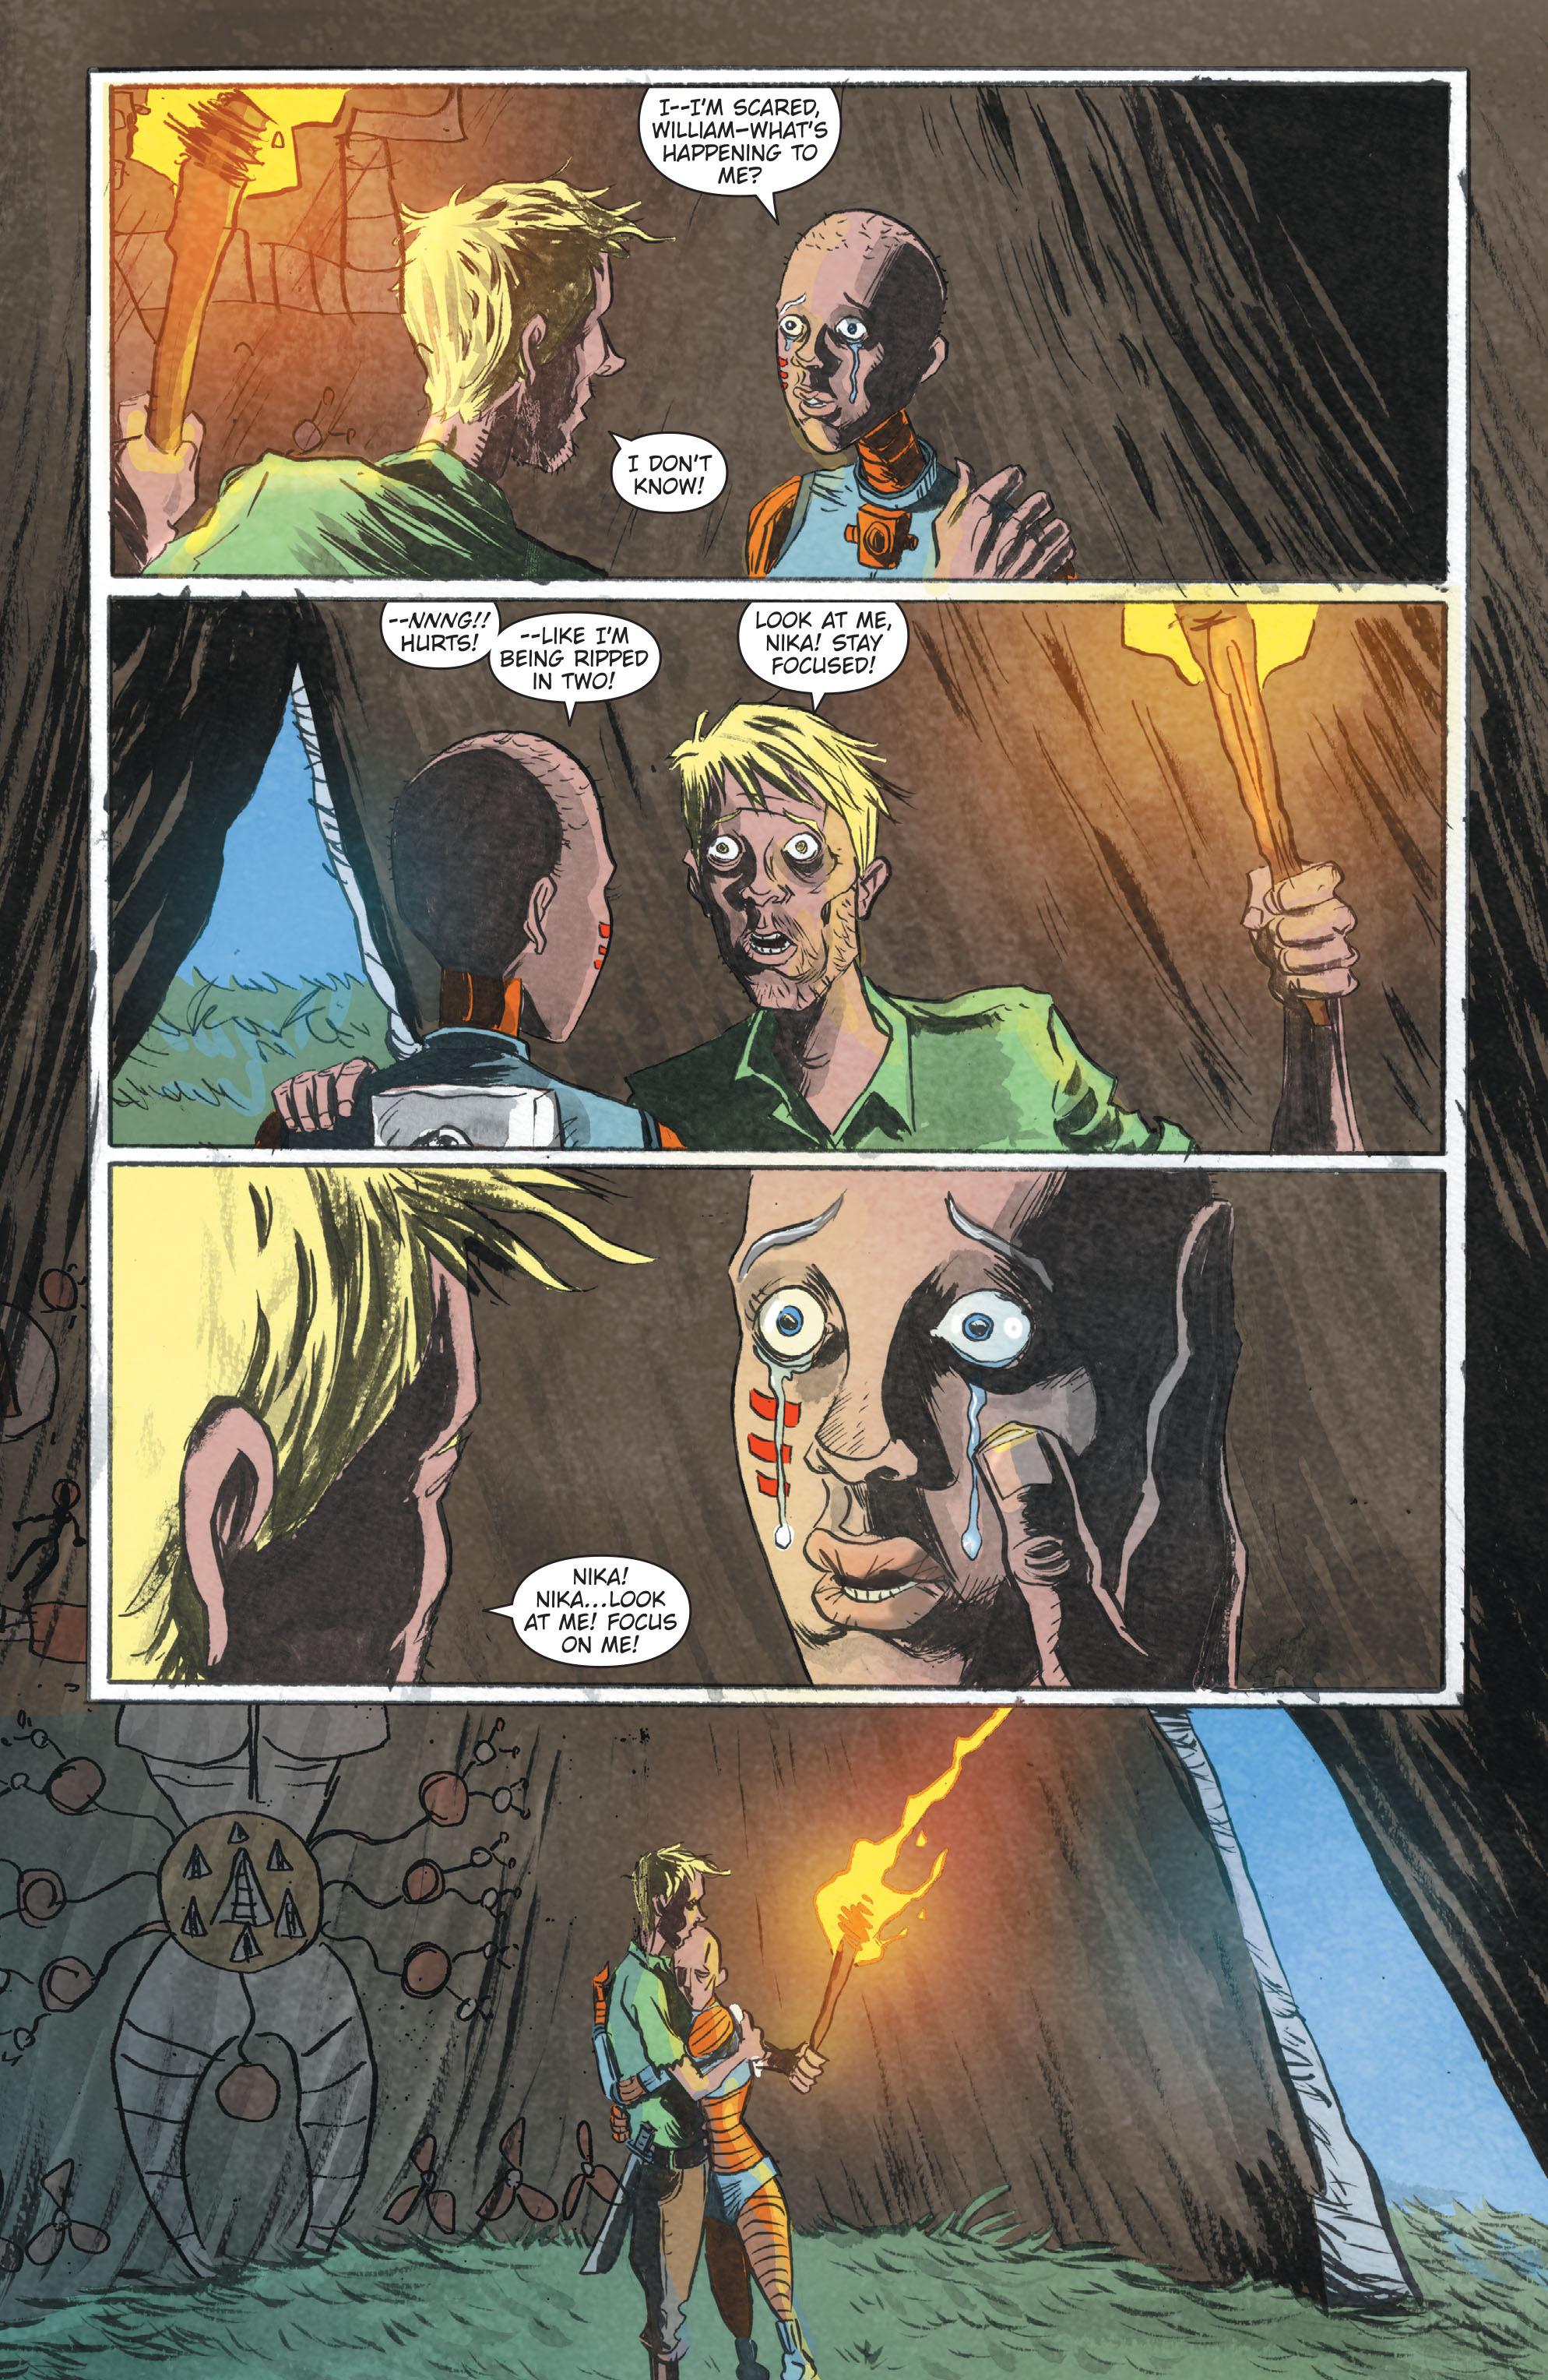 Read online Trillium comic -  Issue # TPB - 91